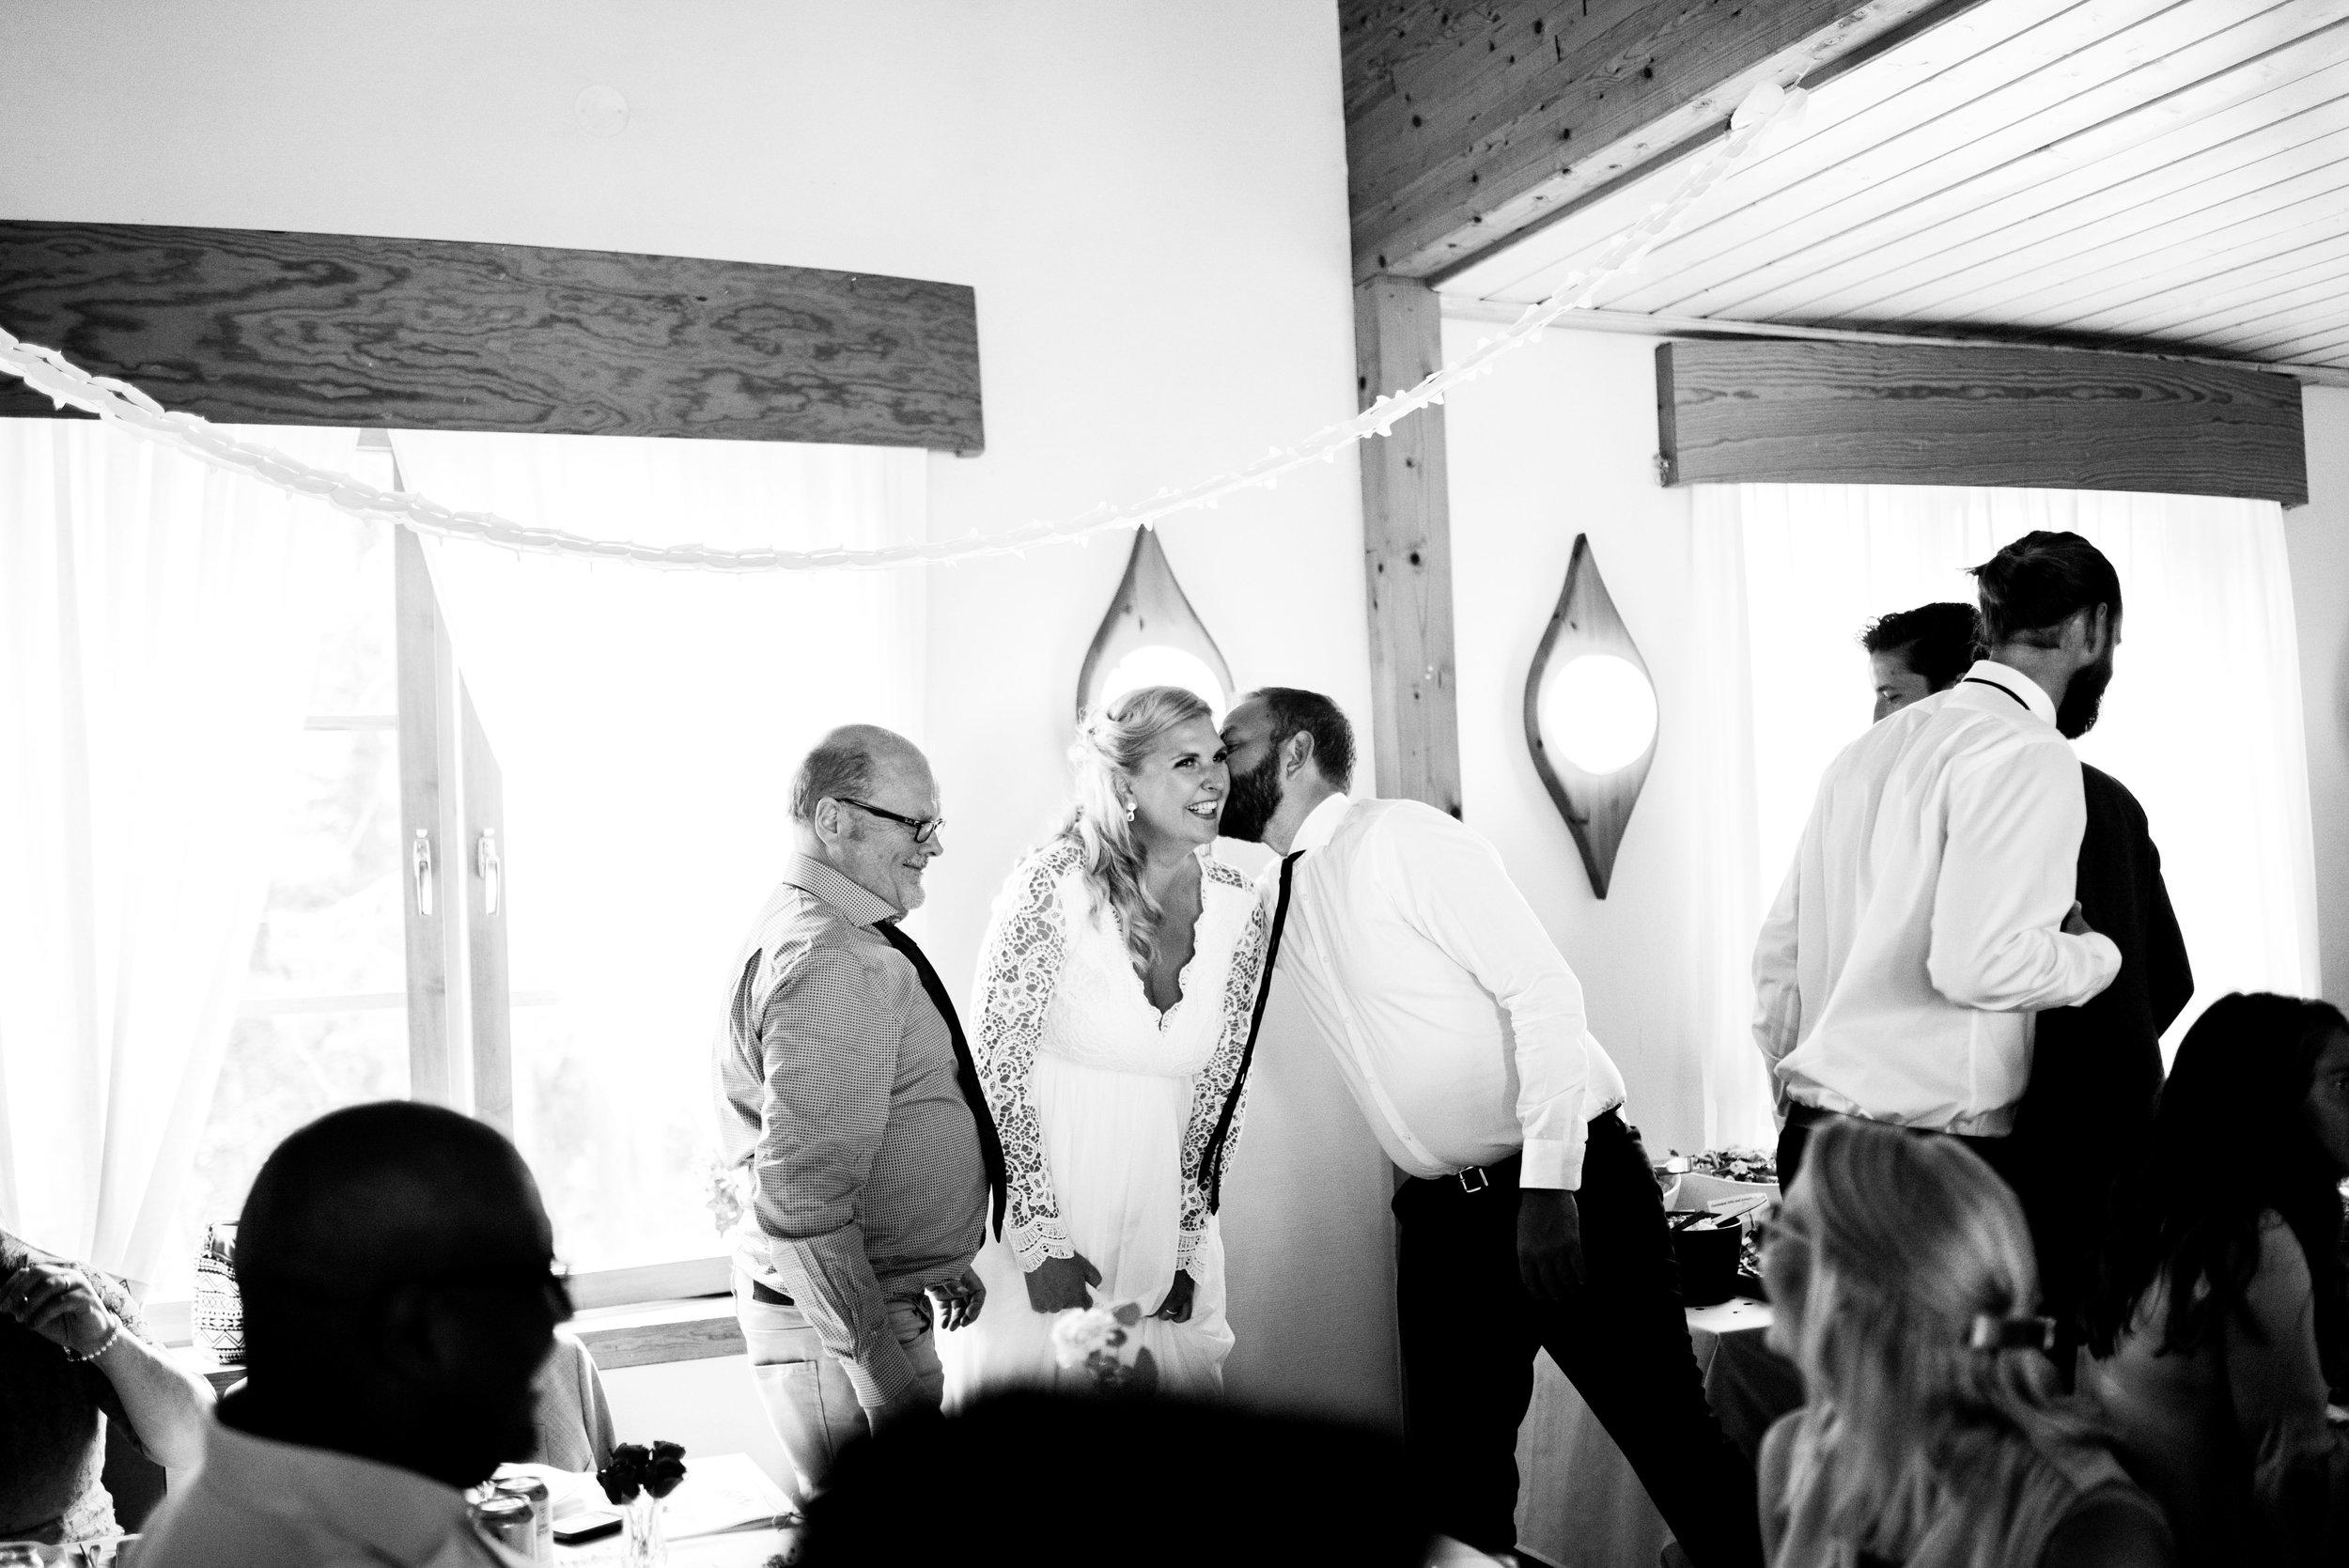 Bröllop2019lågkvall2-6093.jpg